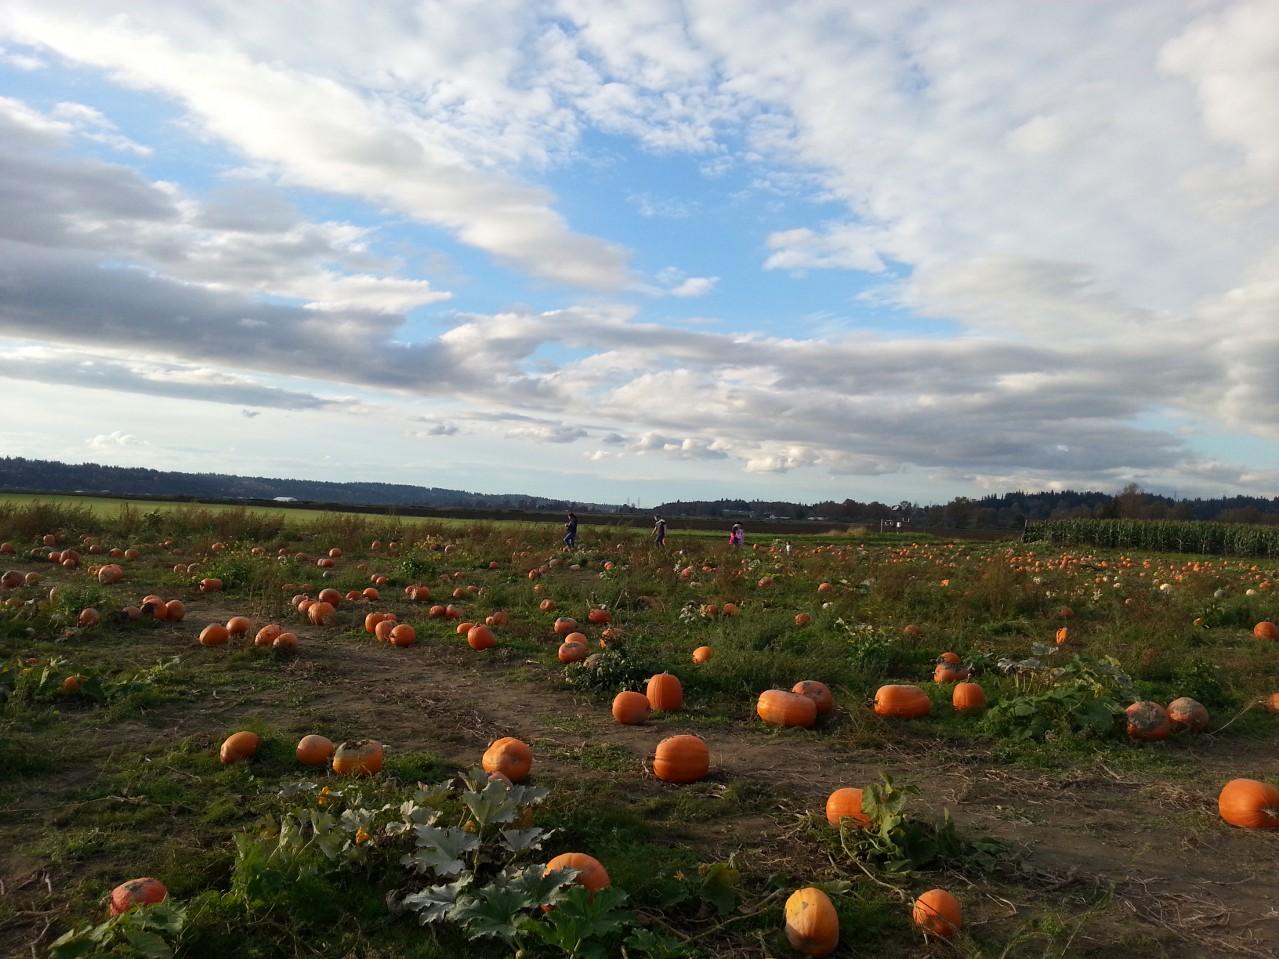 Az pumpkin patch 2014 manhattan